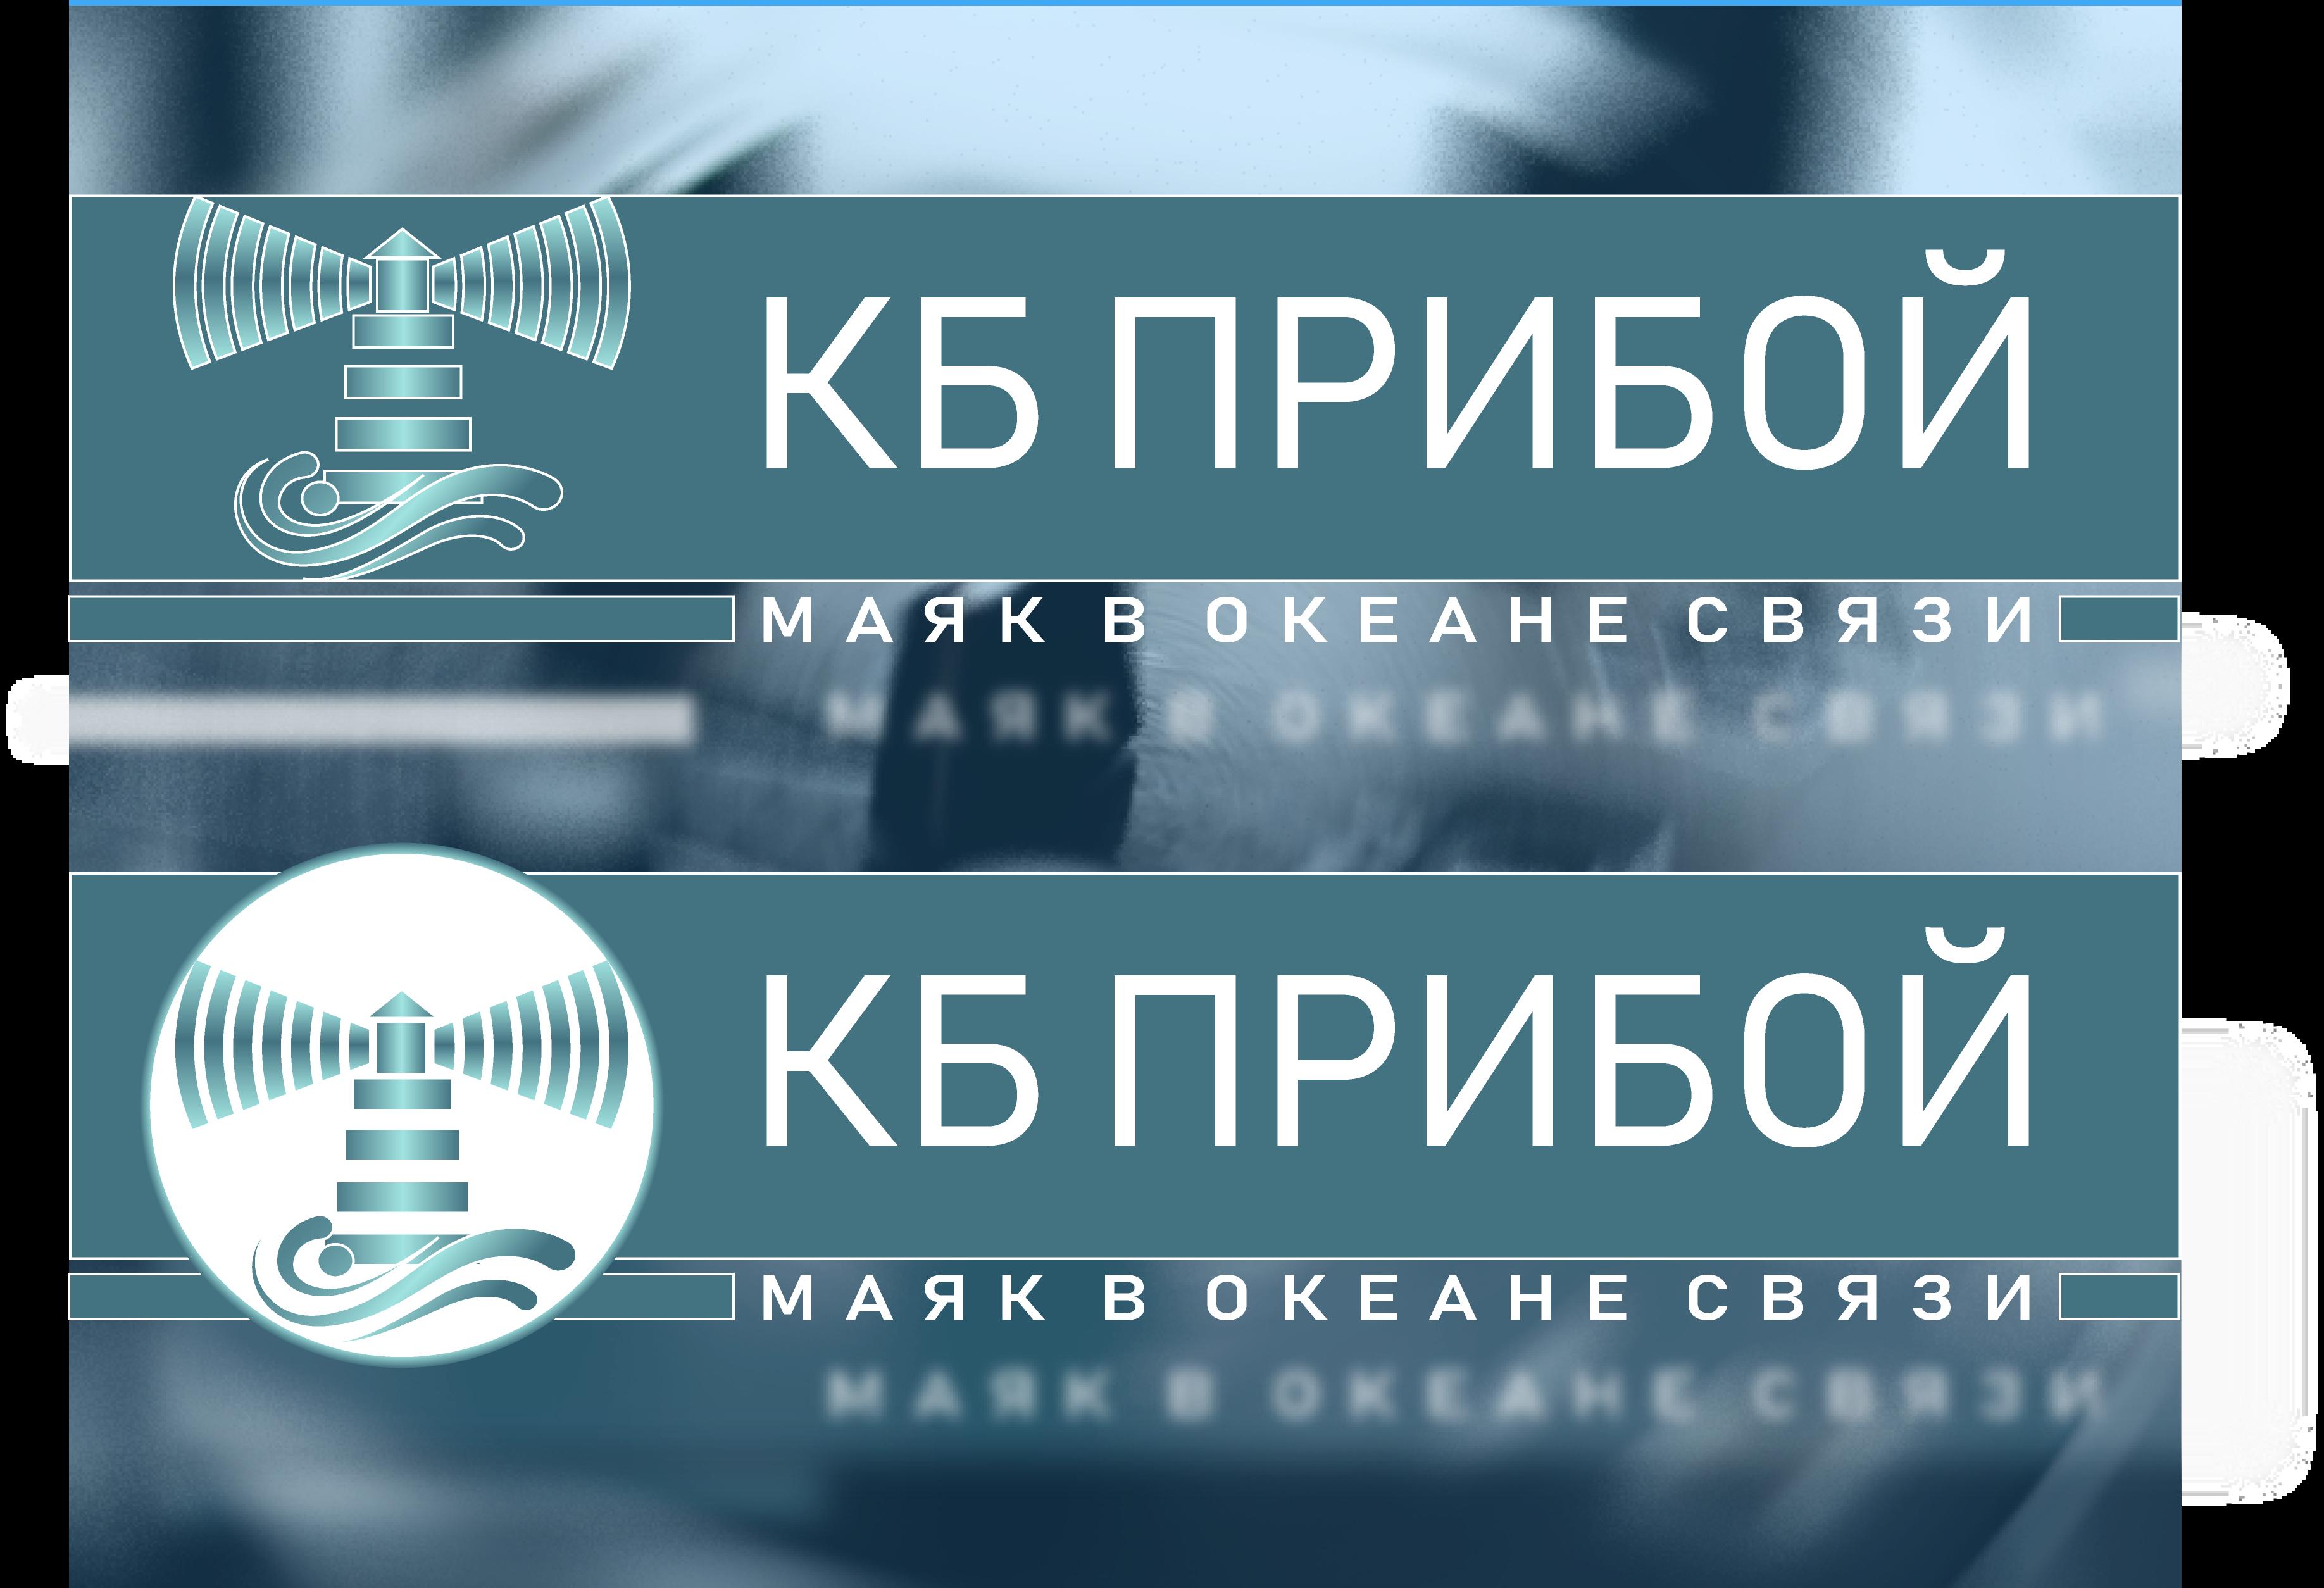 Разработка логотипа и фирменного стиля для КБ Прибой фото f_8635b26cd2e57d61.png